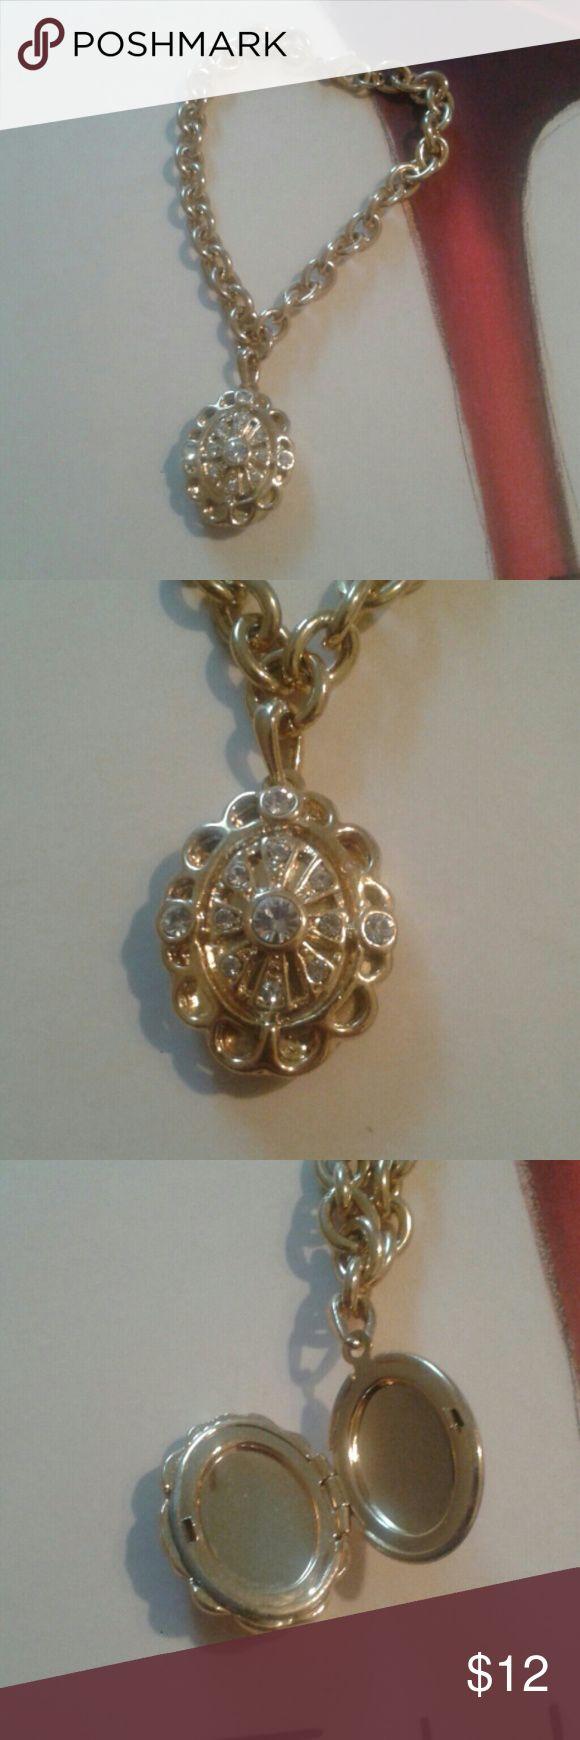 Selling this Locket Bracelet in Goldtone and Rhinestones on Poshmark! My username is: micsjwl. #shopmycloset #poshmark #fashion #shopping #style #forsale #Jewelry